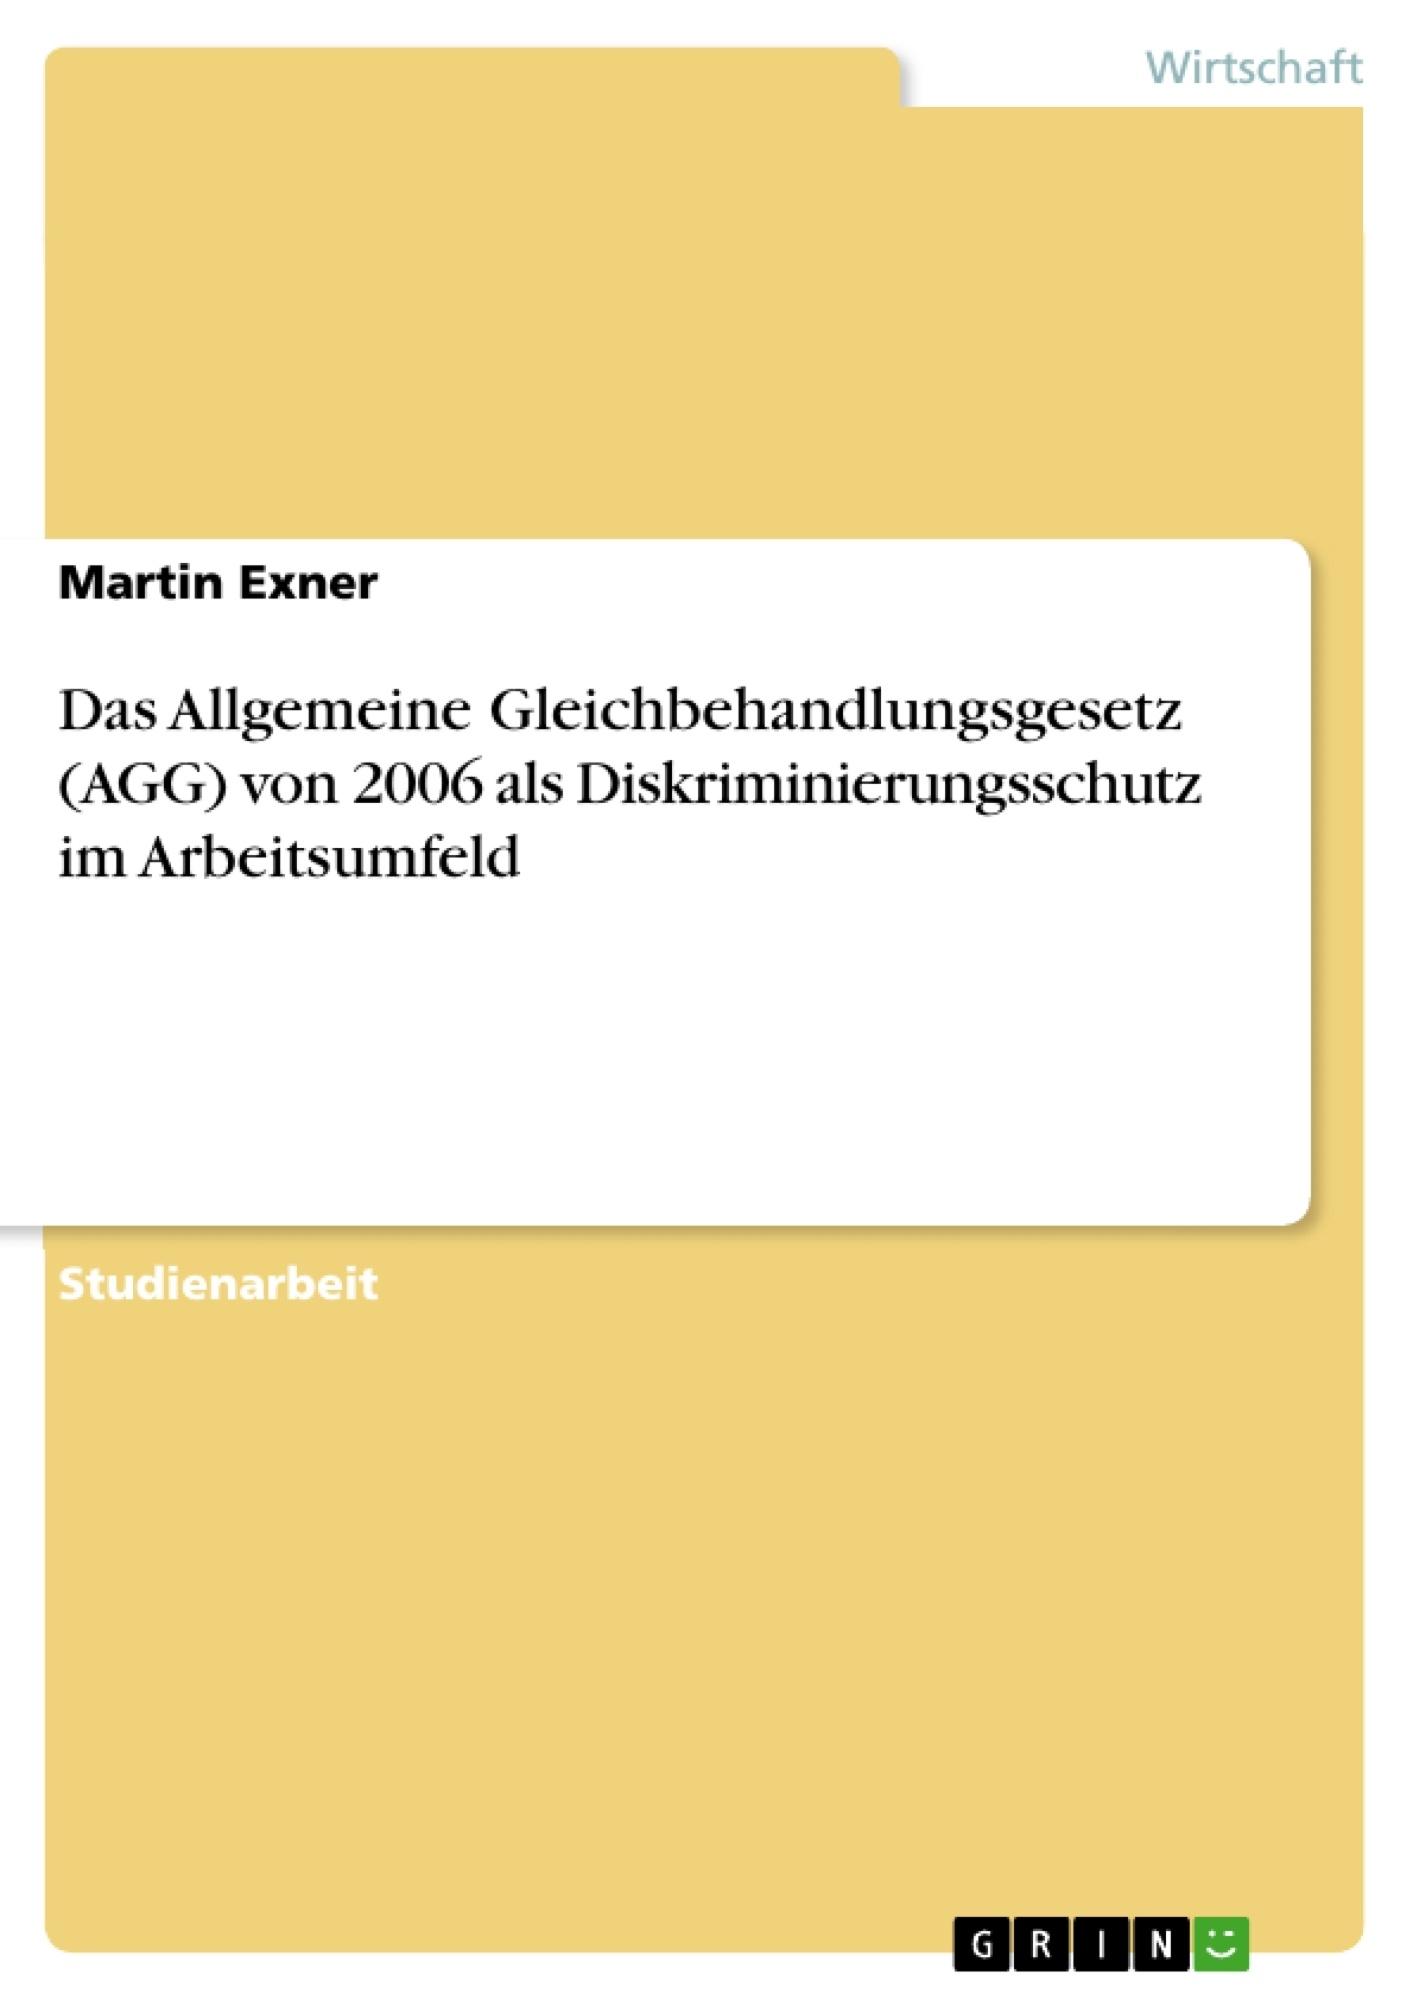 Titel: Das Allgemeine Gleichbehandlungsgesetz (AGG) von 2006 als Diskriminierungsschutz im Arbeitsumfeld